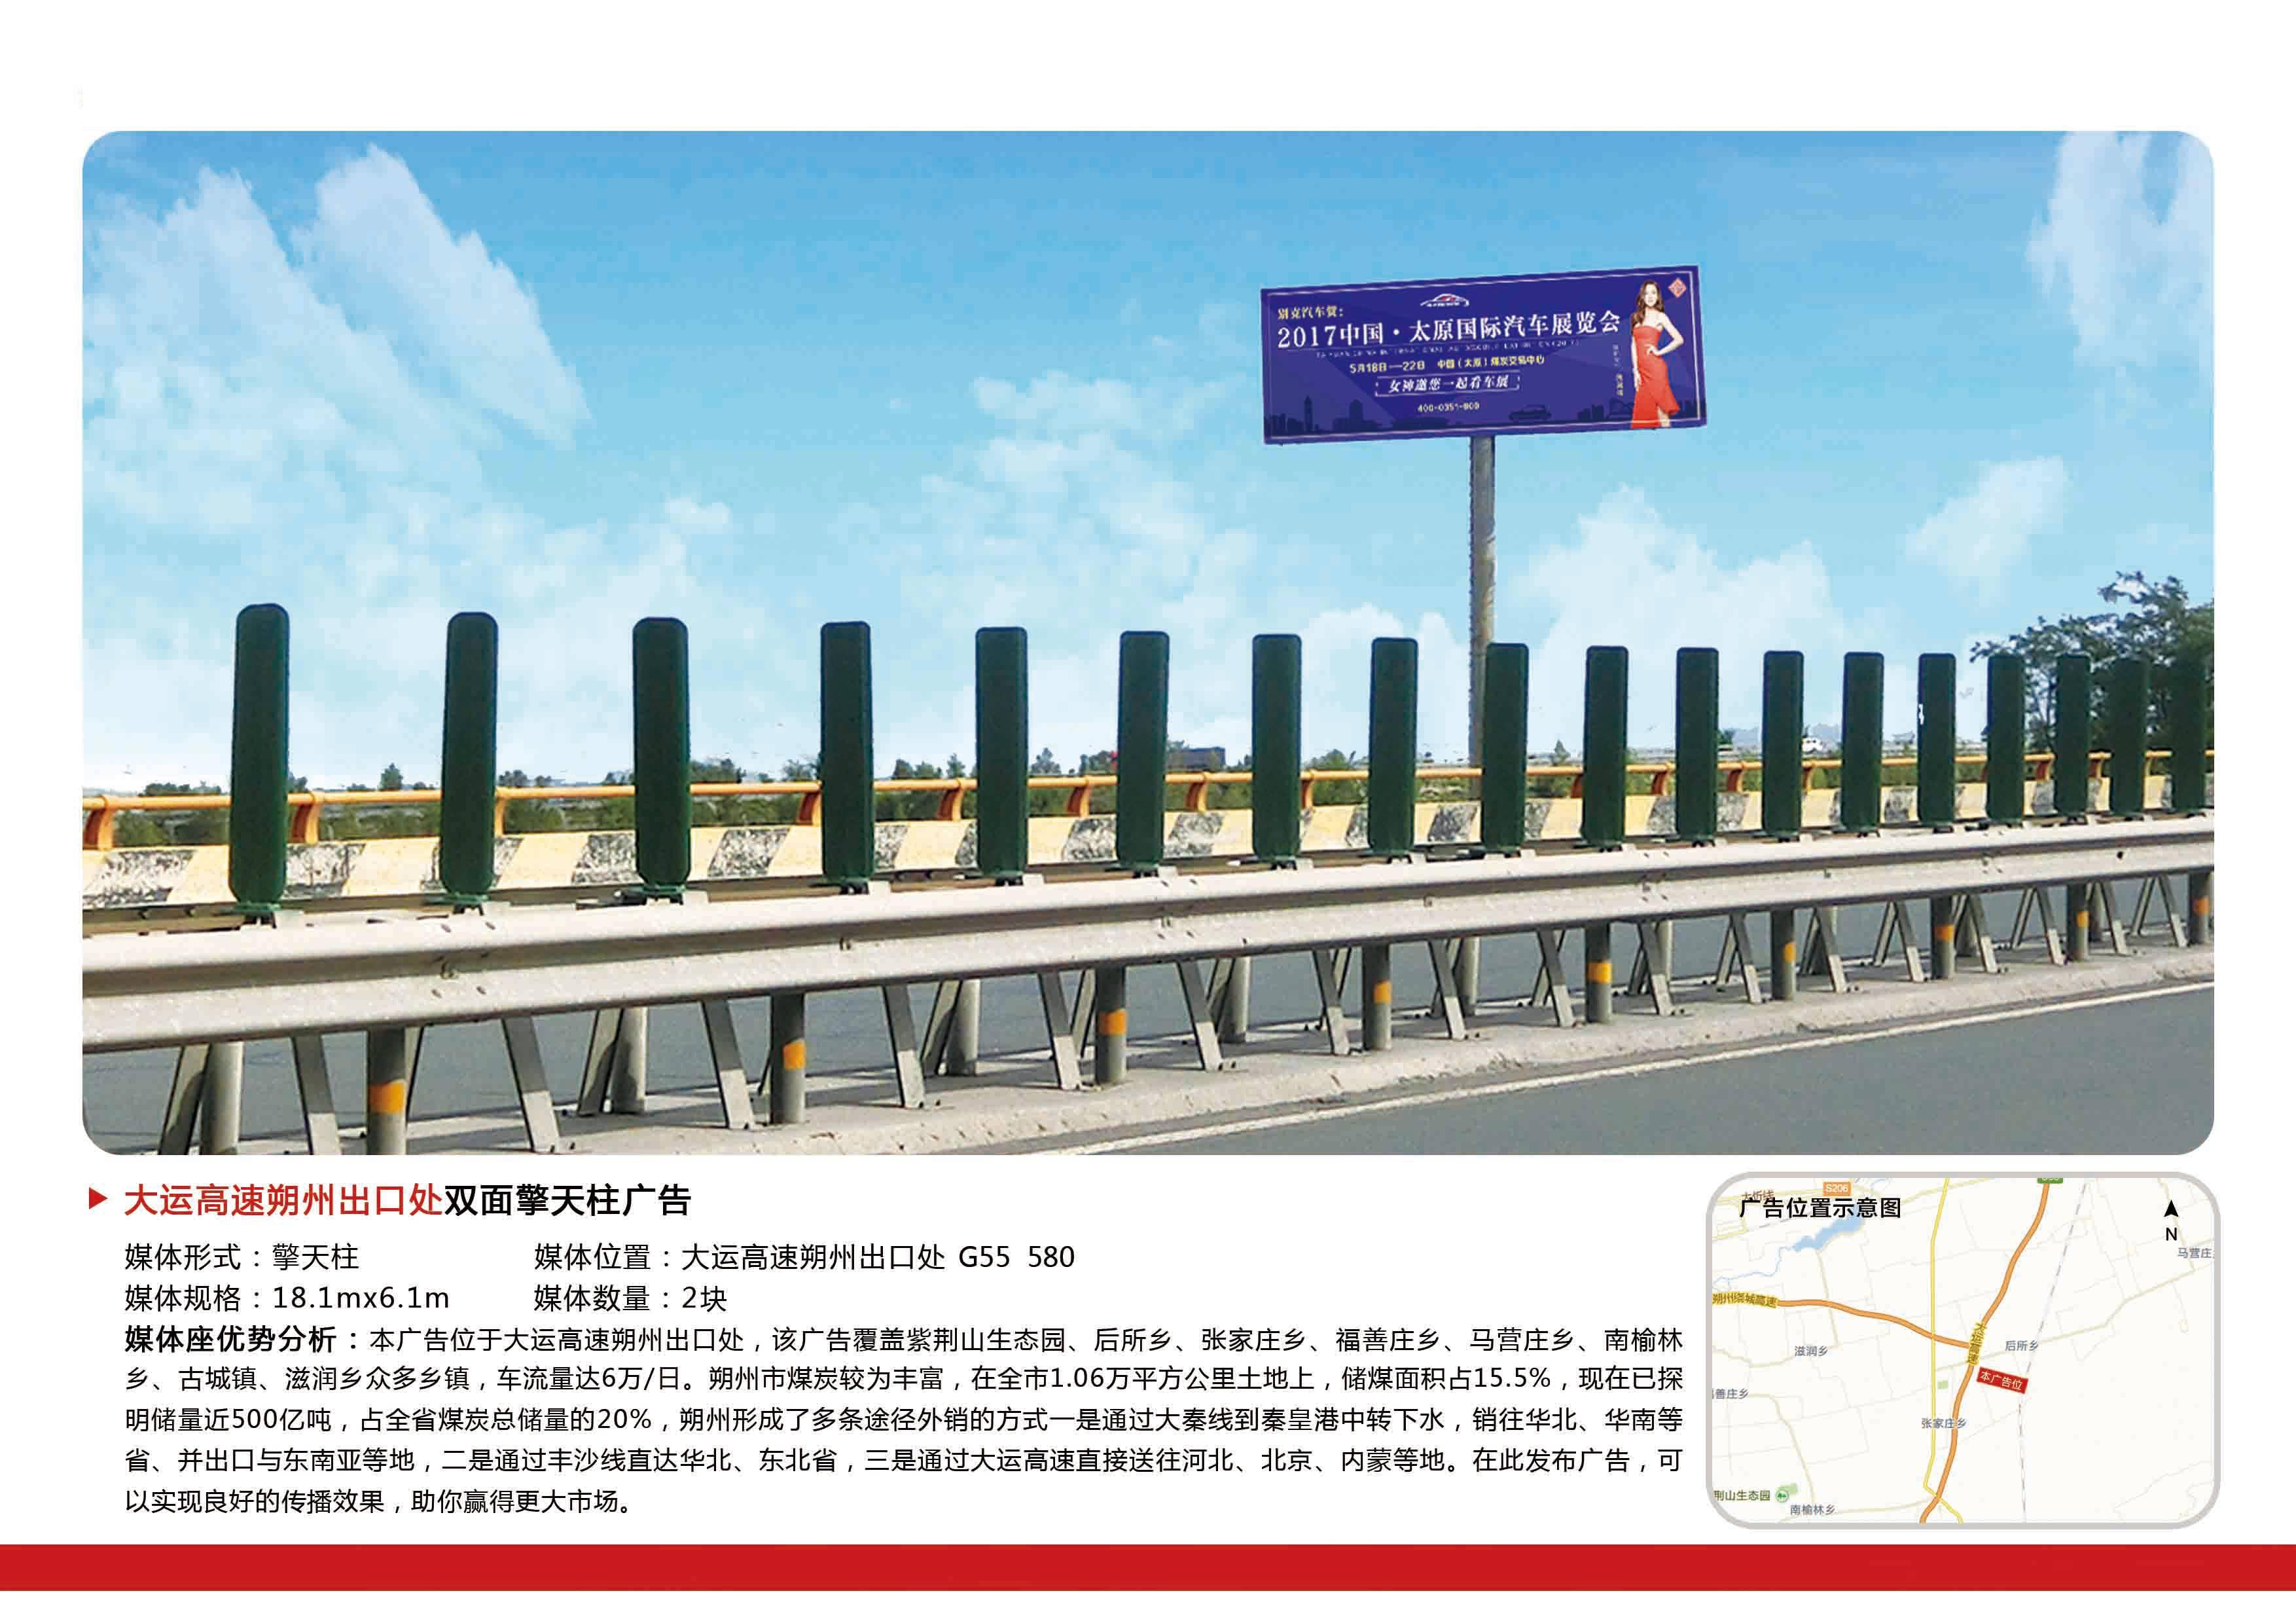 山西二广高速G55朔州段公路牌广告位